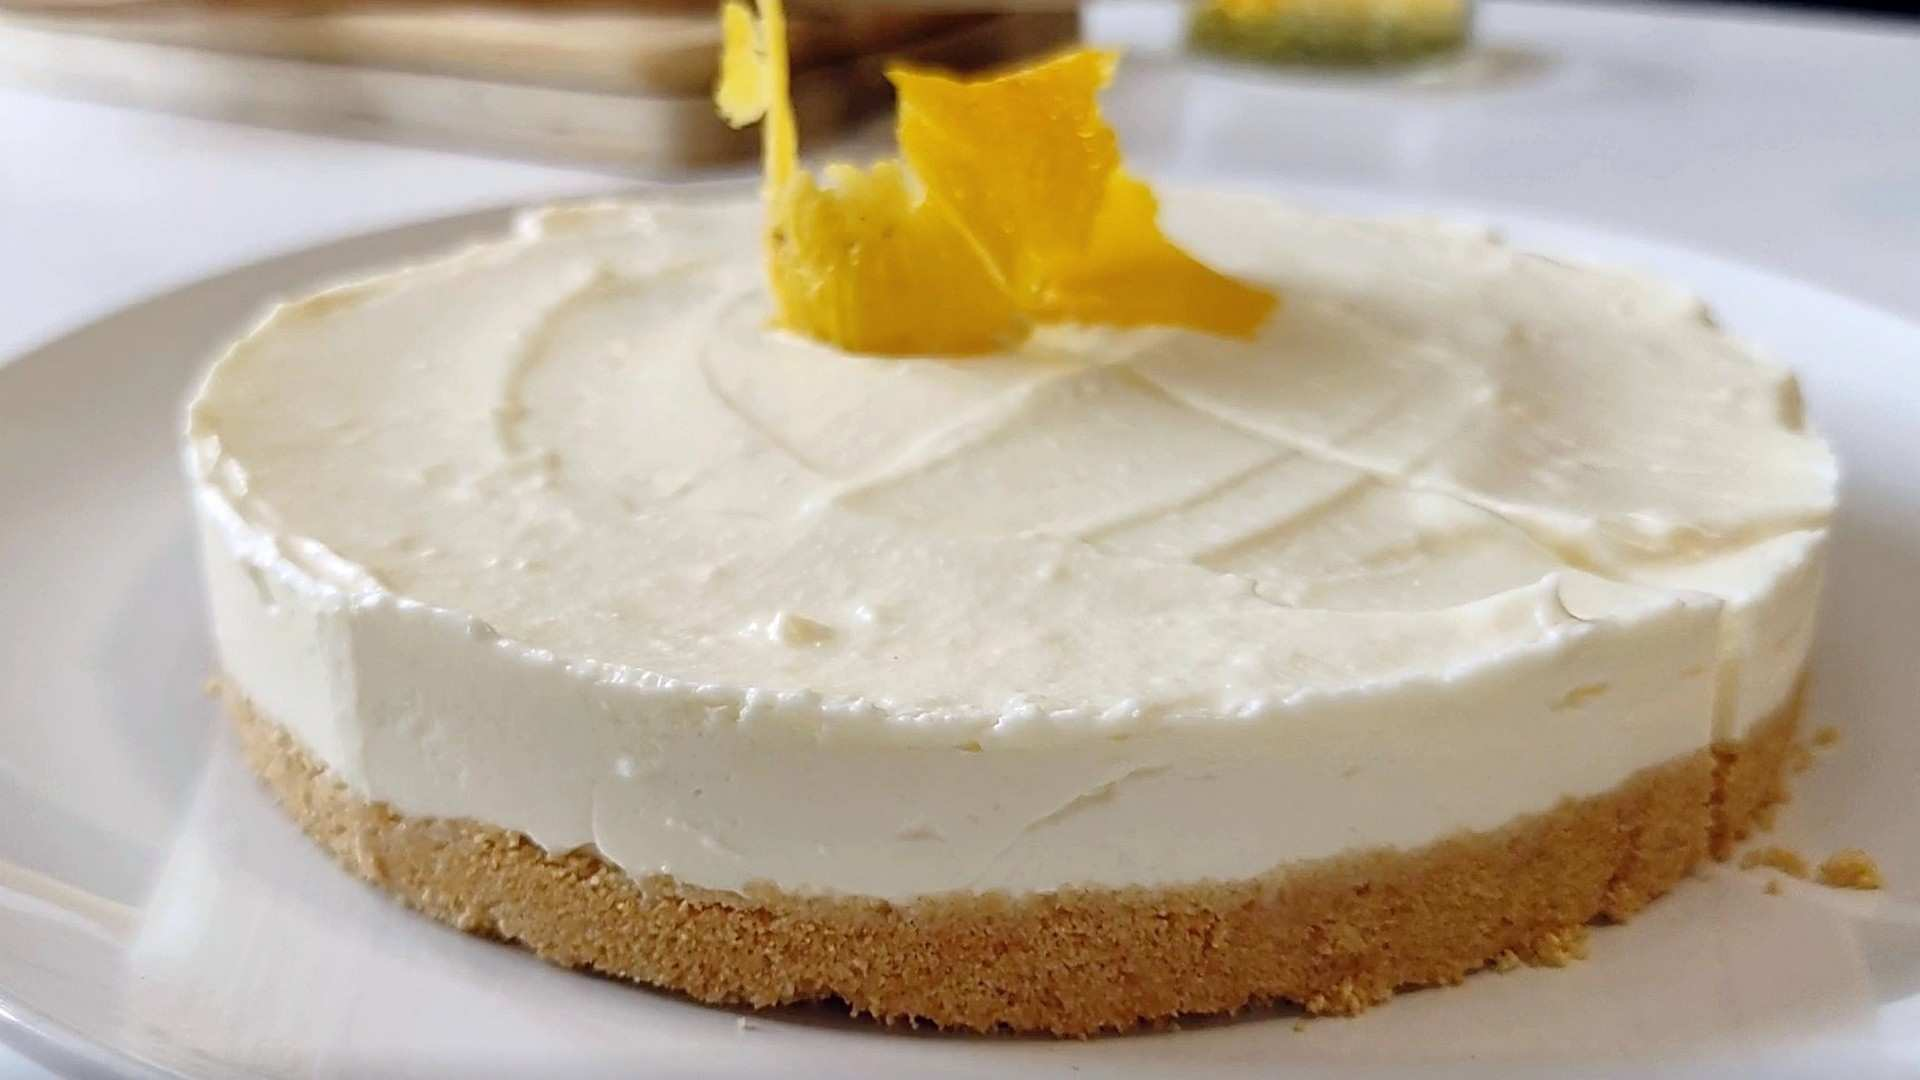 Receta fácil de Cheesecake de limón